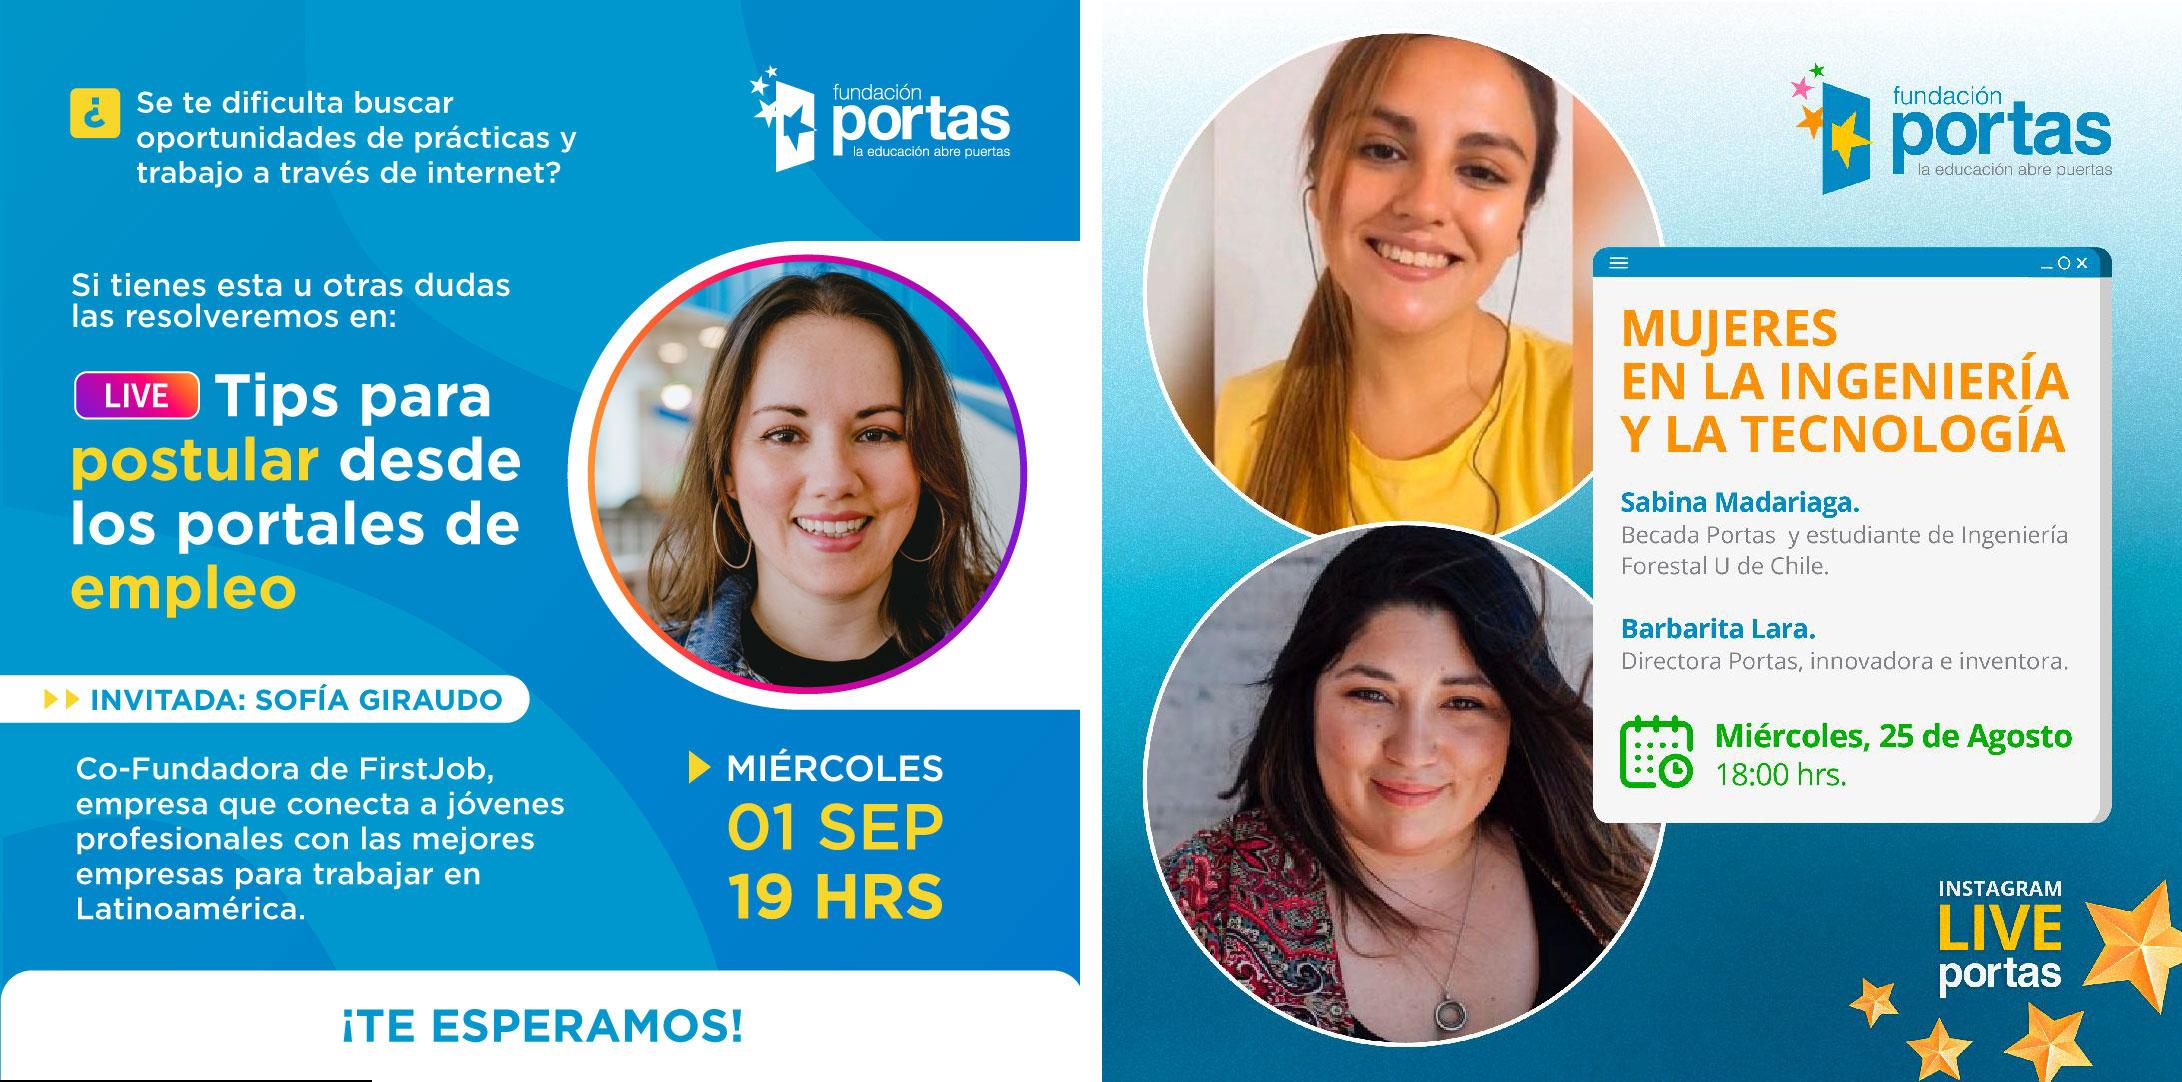 Mujeres en STEMs y buscar trabajo online: Lives de Portas